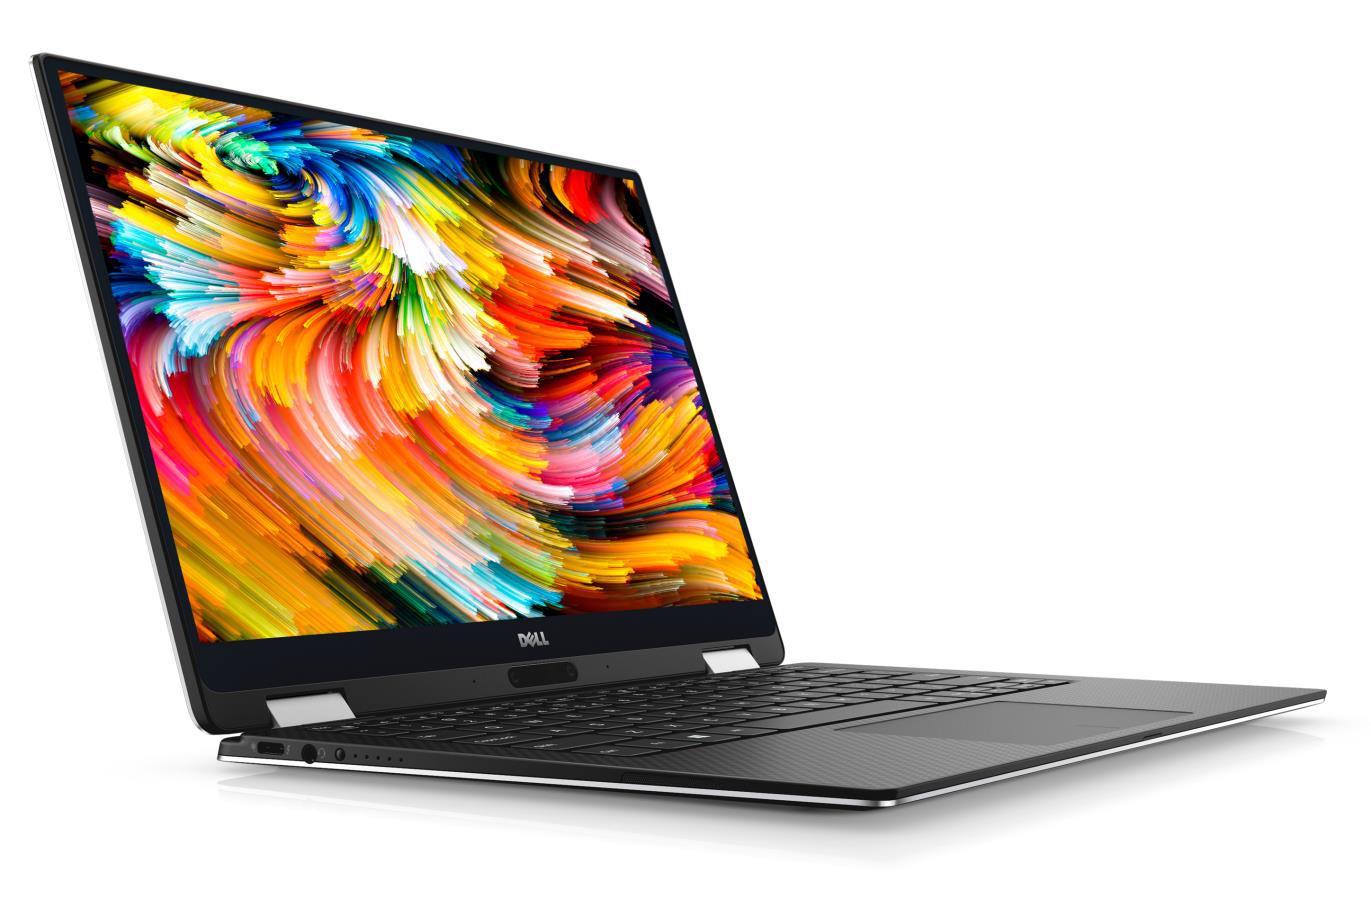 DELL XPS 13 i7-6560U, 8GB RAM, 256GB SSD (XPS13) (BNIB)